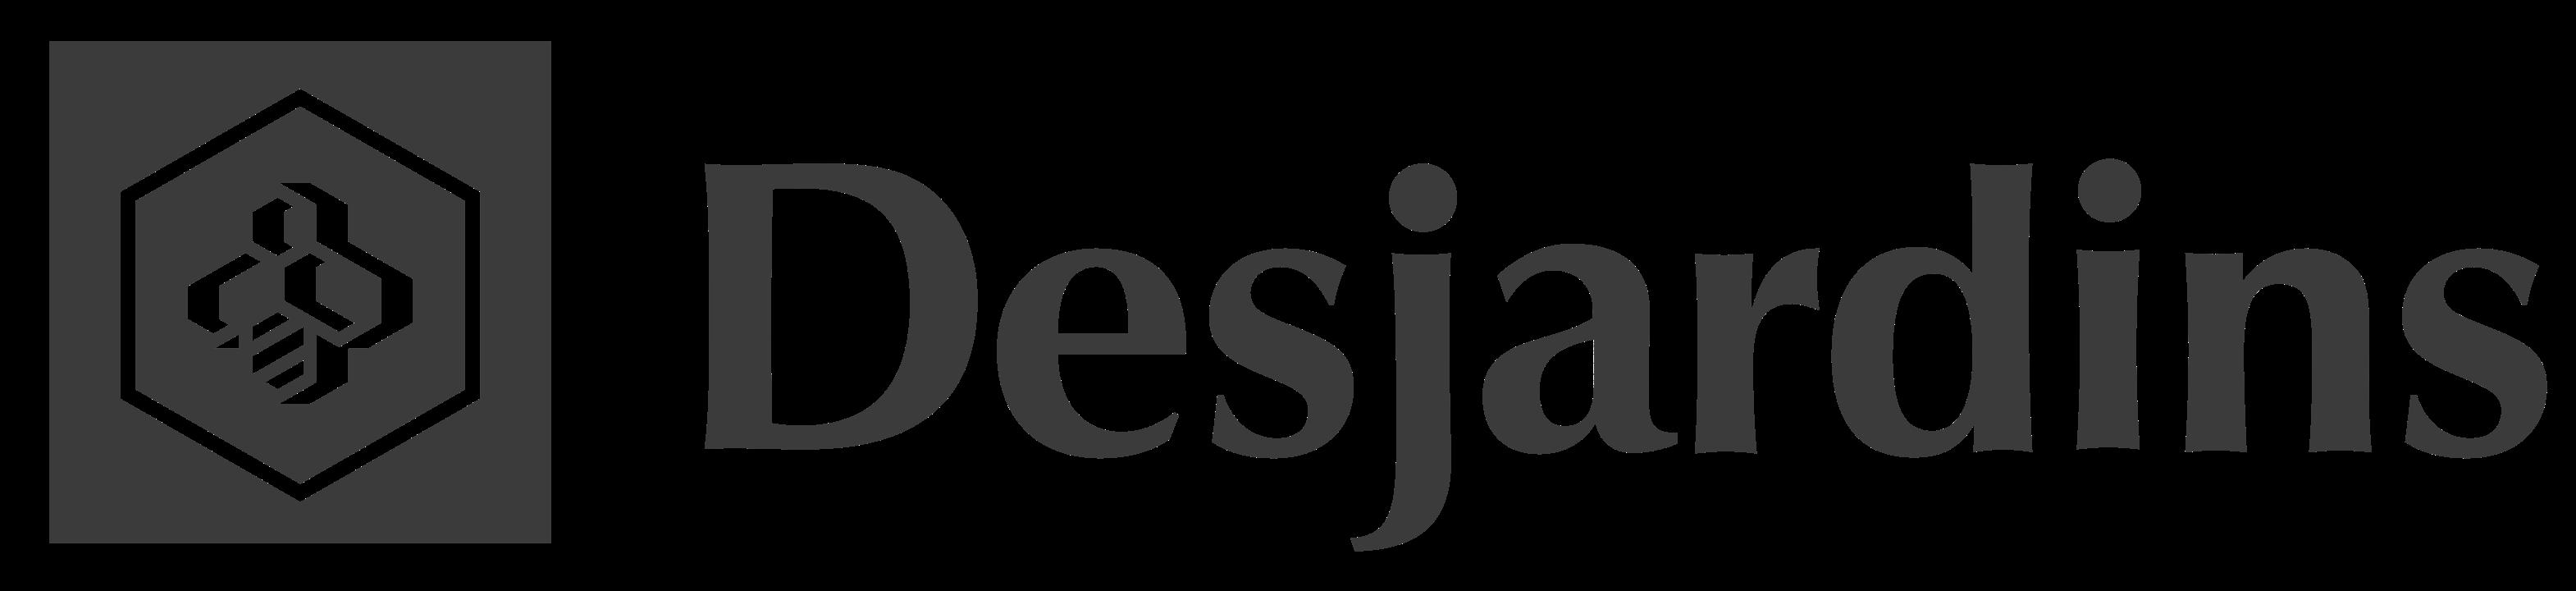 Logo -  Desjardins - Black